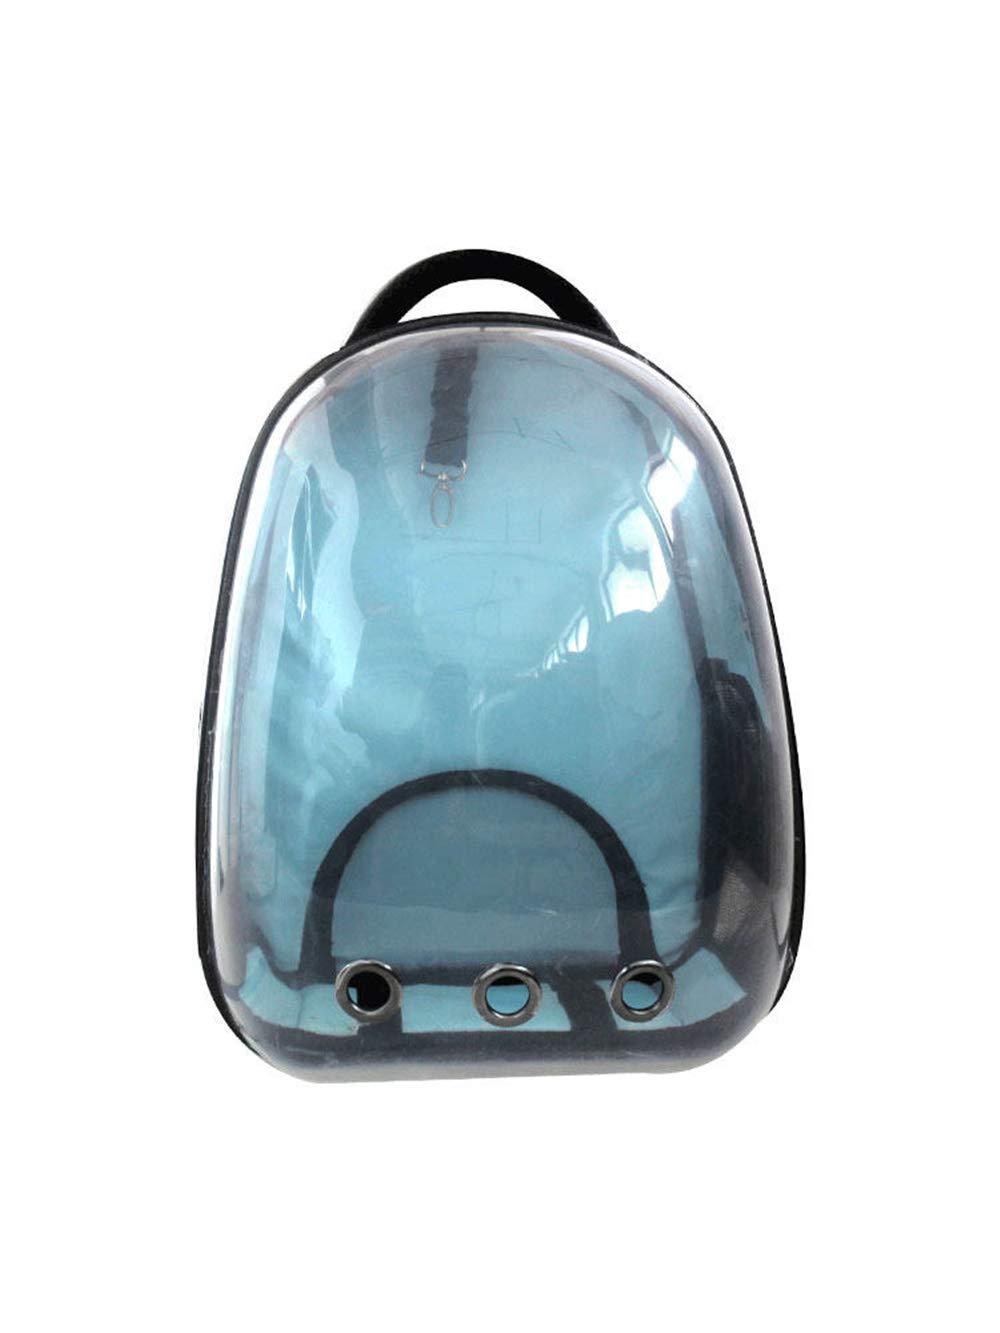 bluee Cat Bag Transparent Cat Backpack Outgoing Portable Cabin Bag Space Bag Cat Bag Dog Pet Bag Shoulder Bag